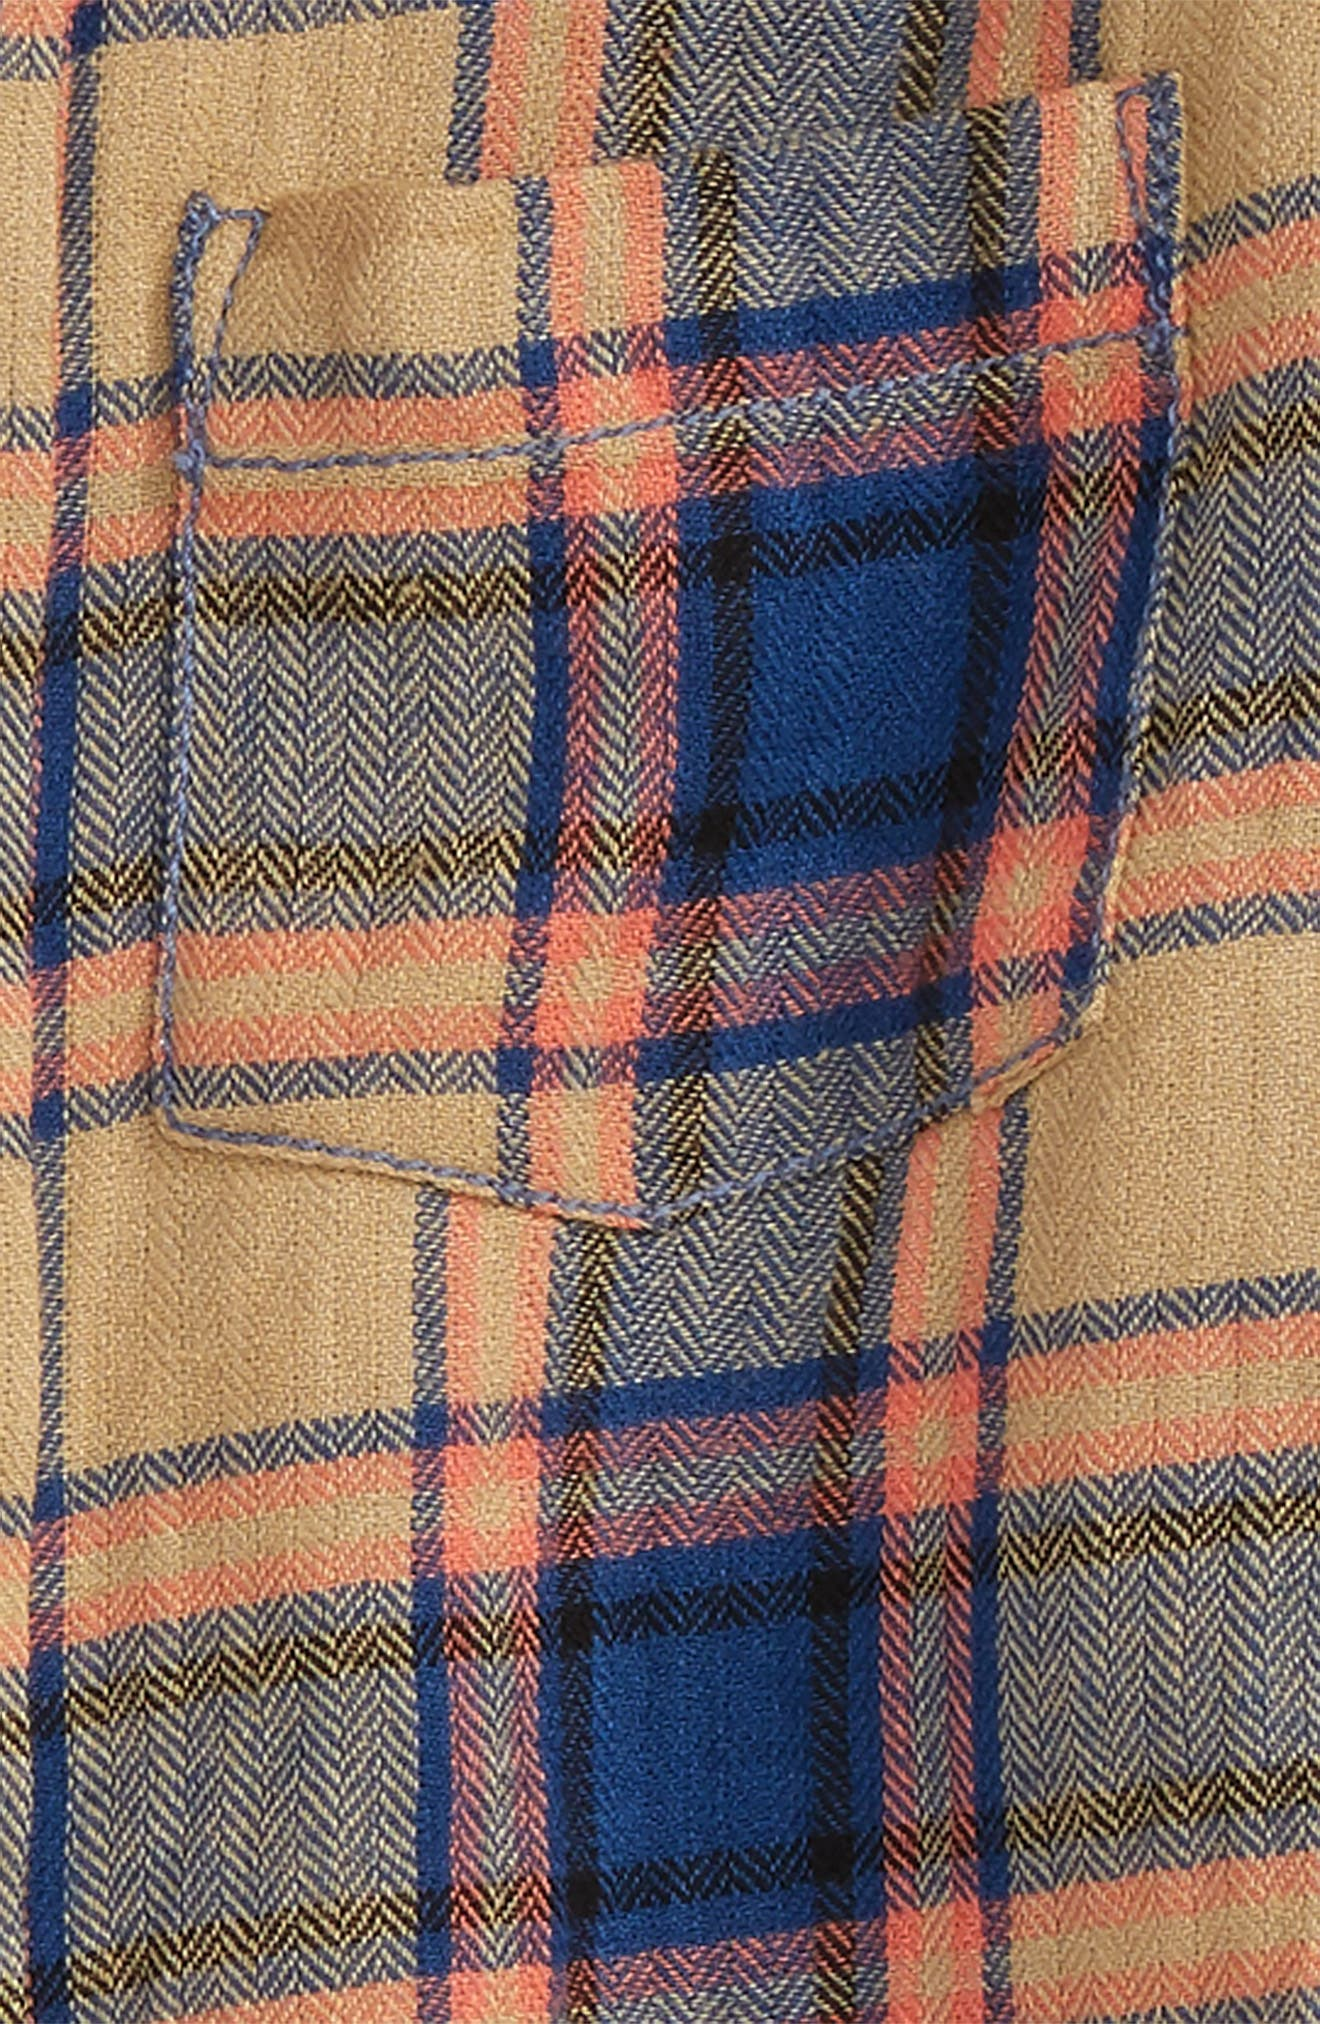 Henry Plaid Woven Shirt,                             Alternate thumbnail 2, color,                             Khaki